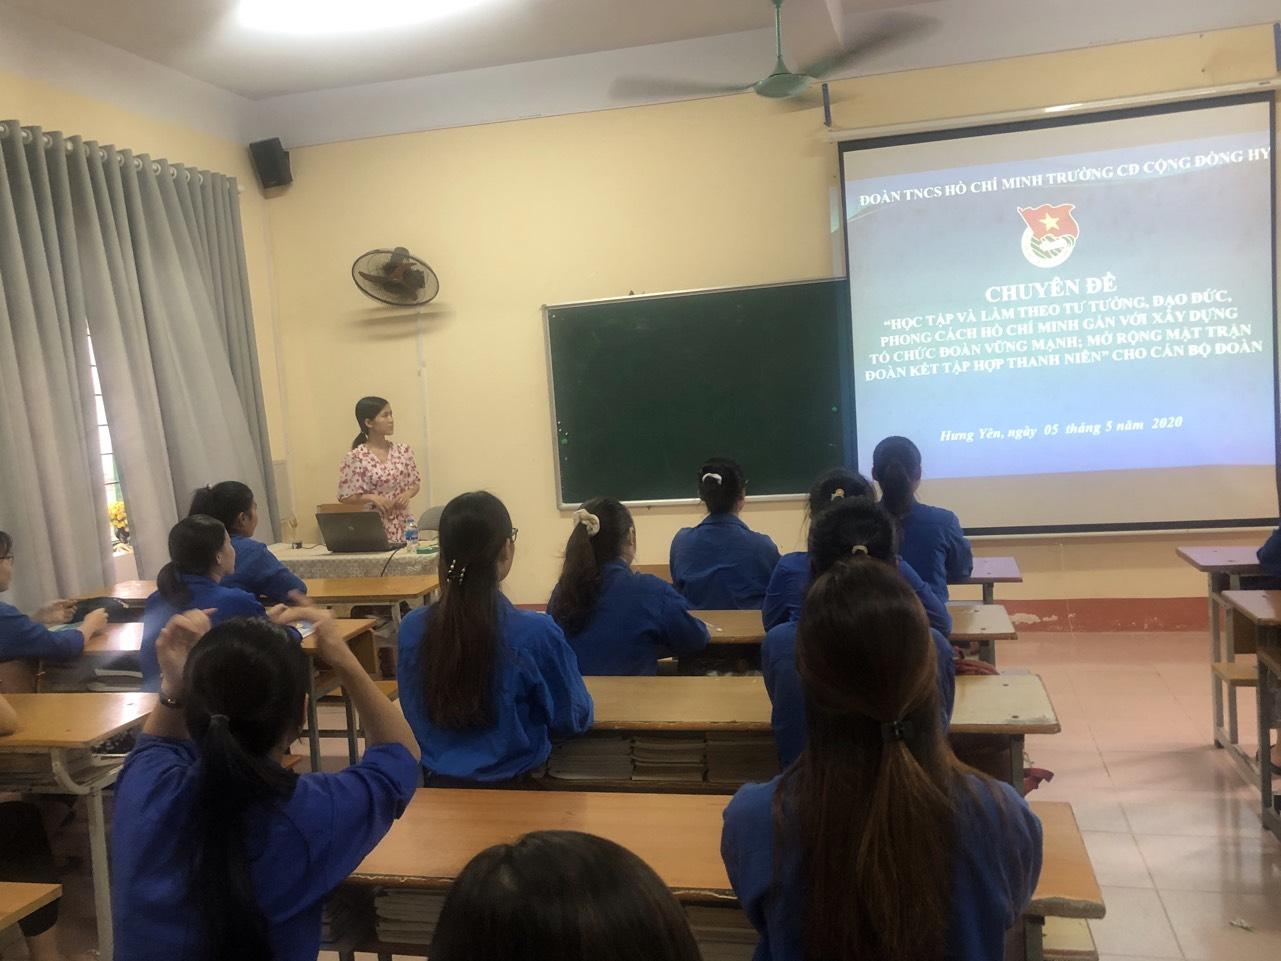 Đoàn trường Cao đẳng Cộng đồng Hưng Yên tổ chức  học tập  chuyên đề Học tập và làm theo tư tưởng đạo đức, phong cách Hồ Chí Minh cho cán bộ đoàn